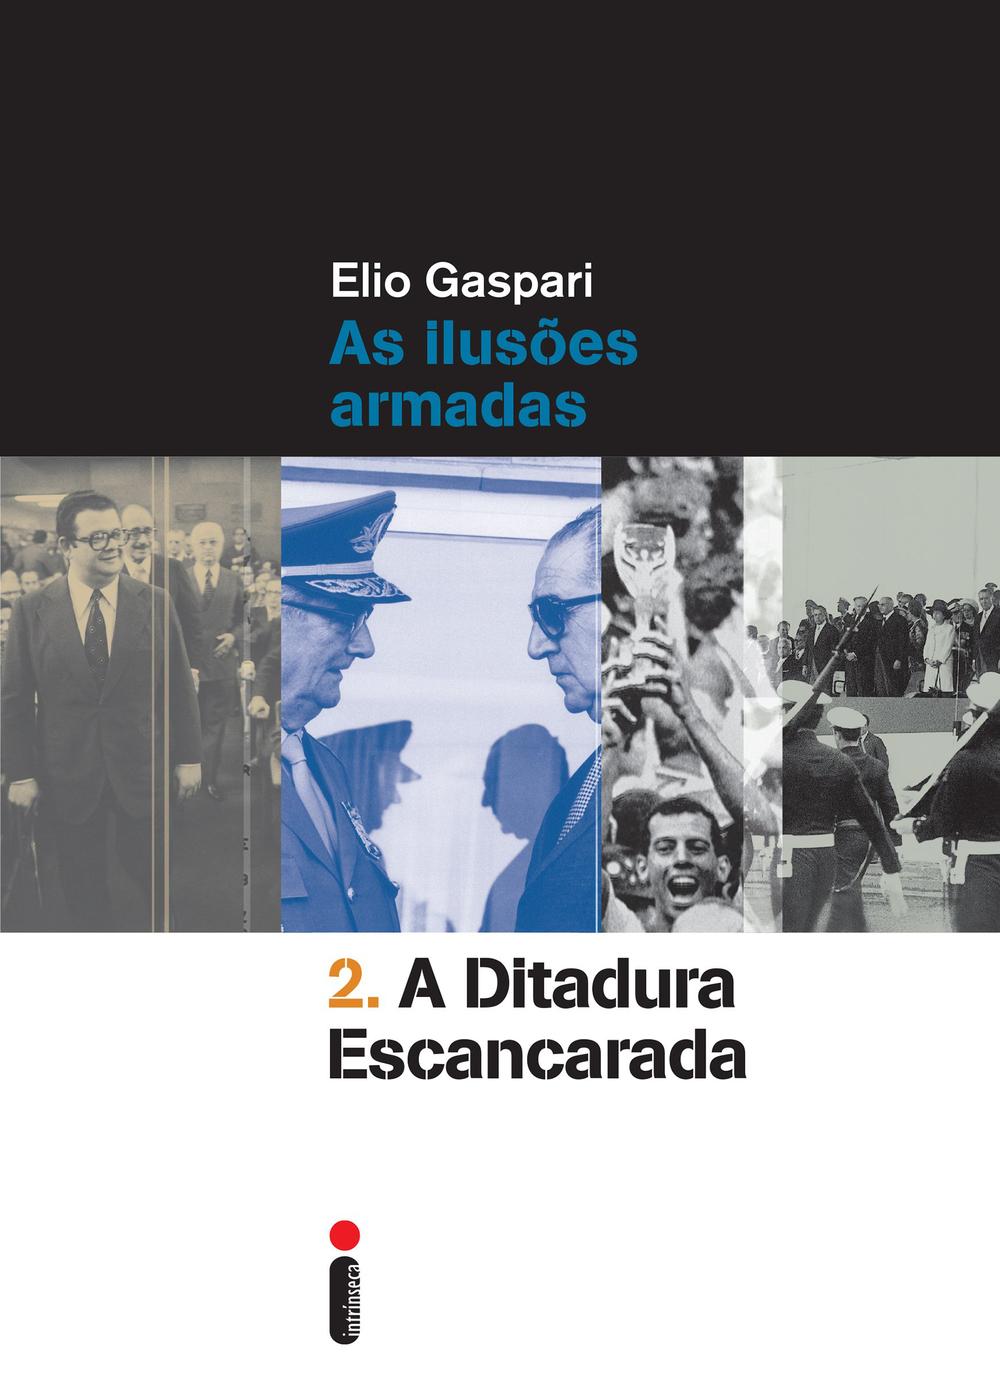 Gaspari, Elio - Ditadura Escancarada.jpg